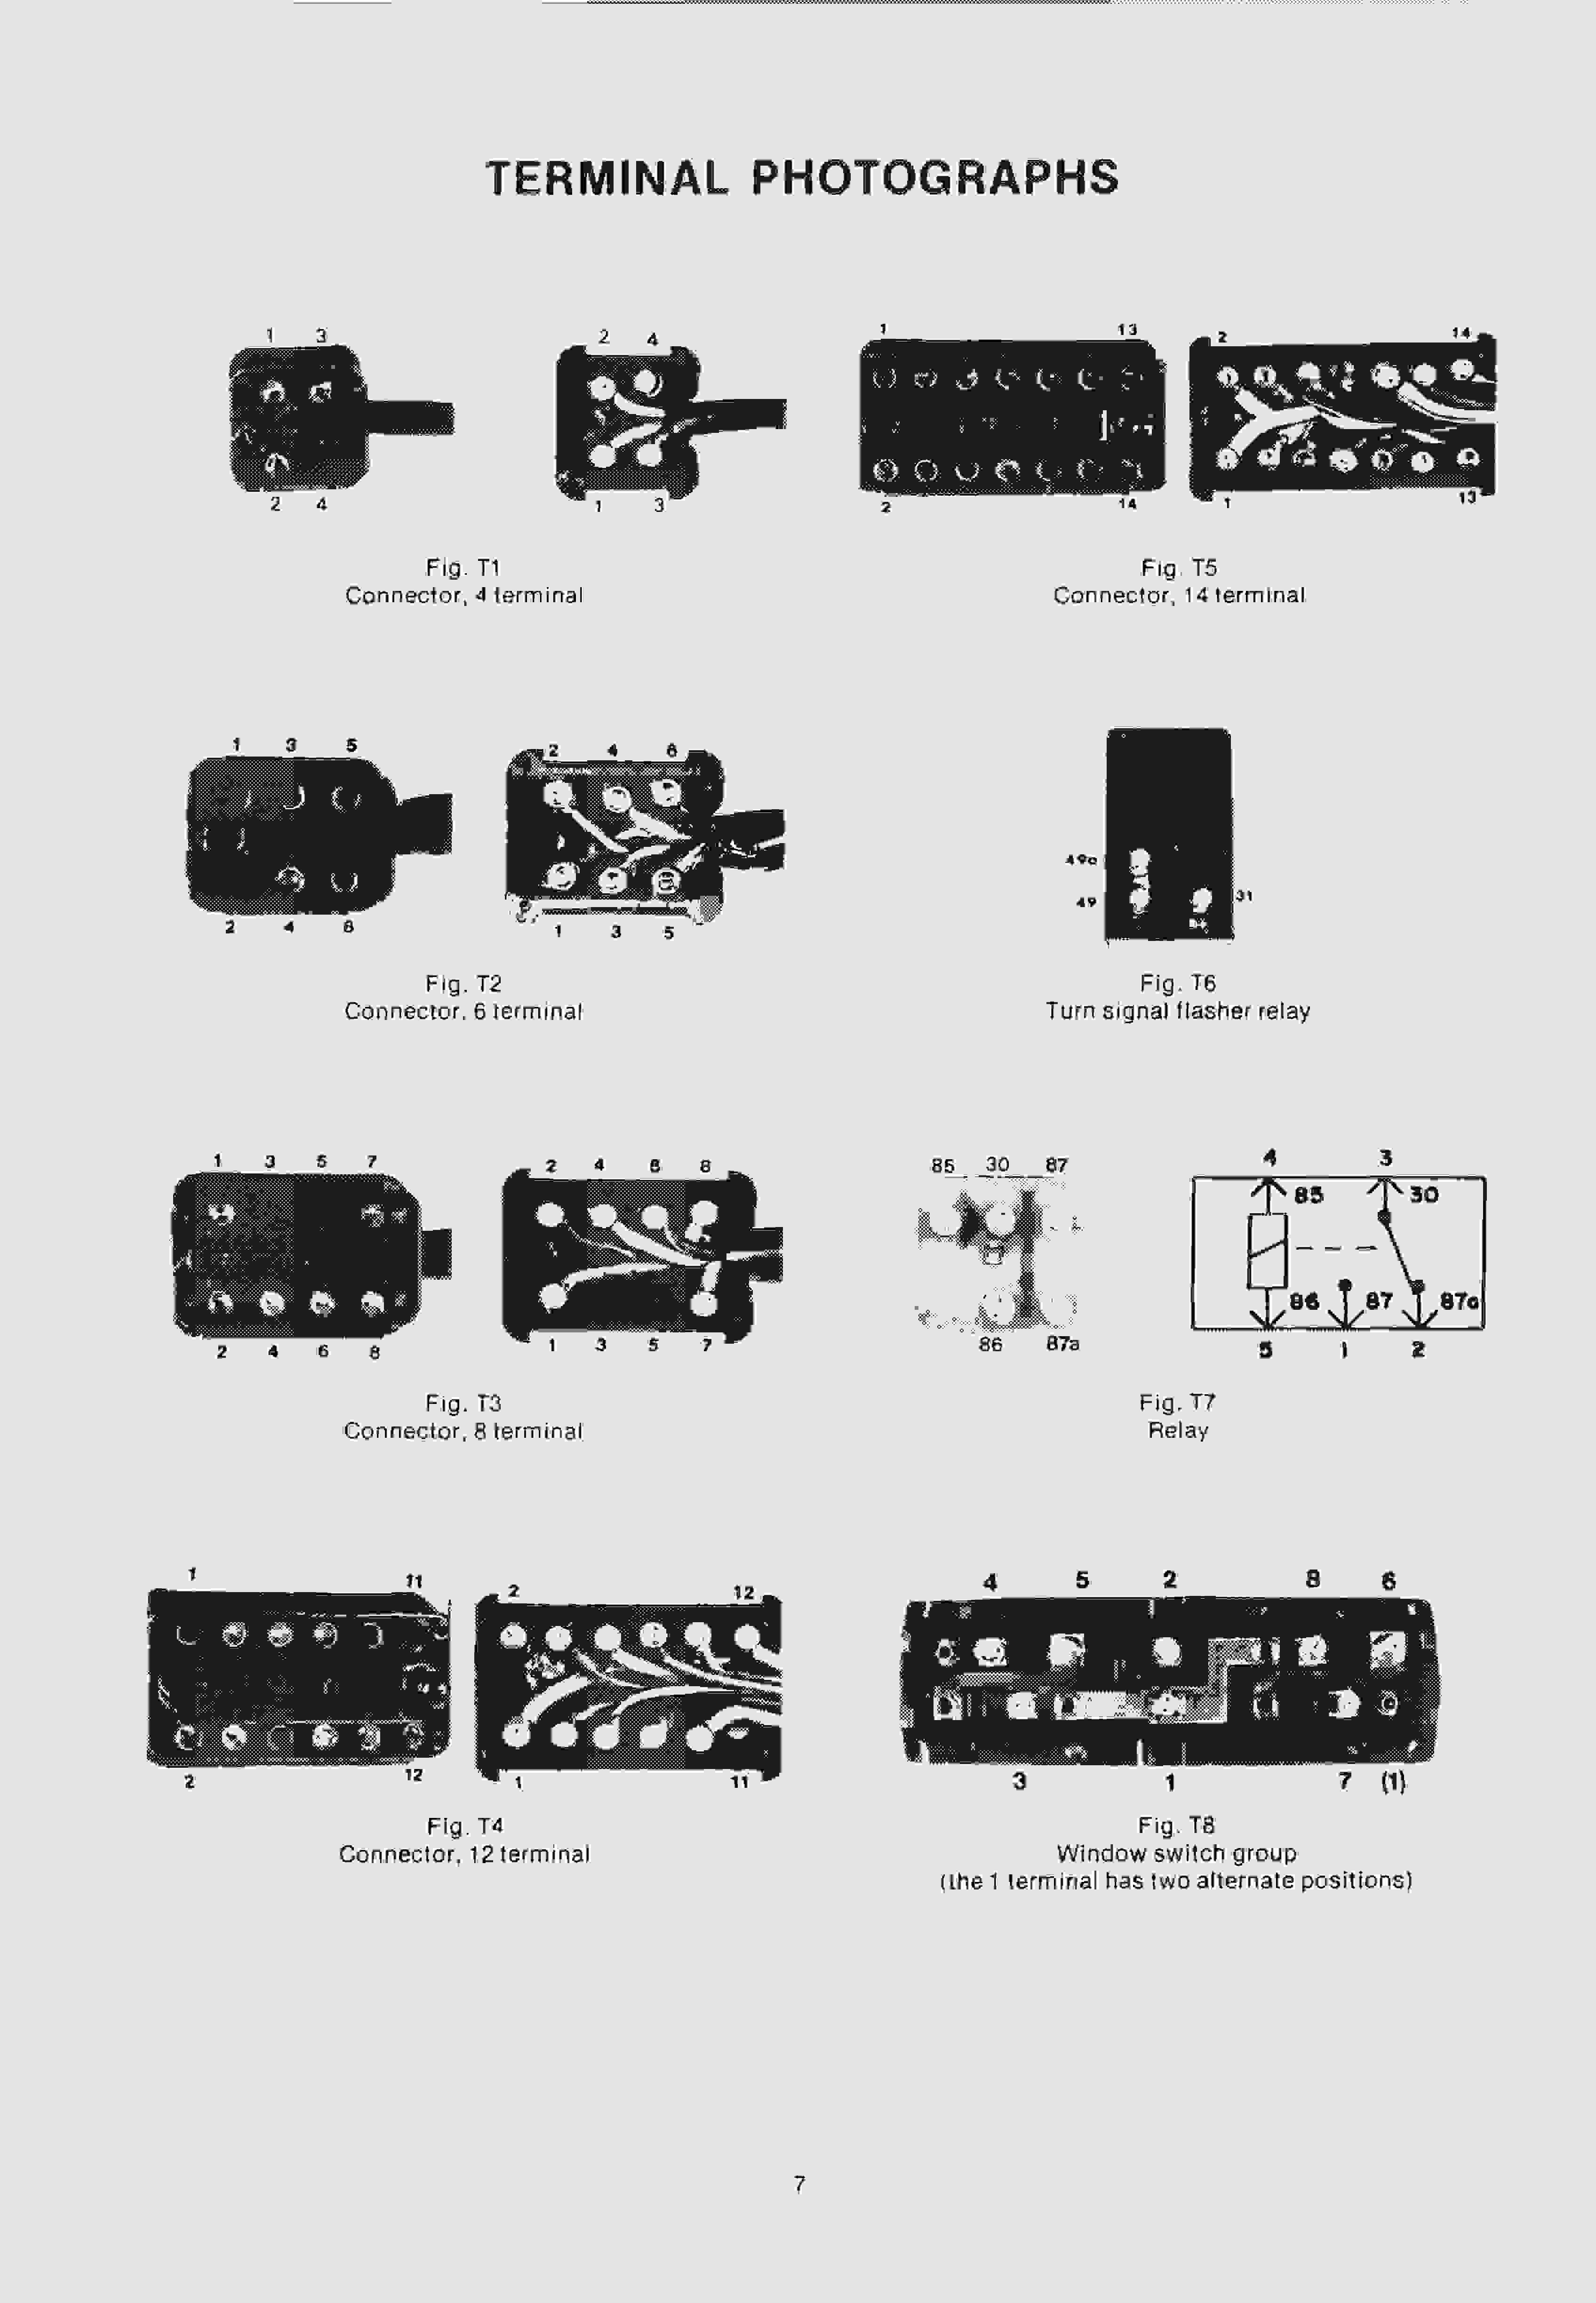 W114/115 - обозначения на эл.схемах, разъемы, цвета проводов... 710